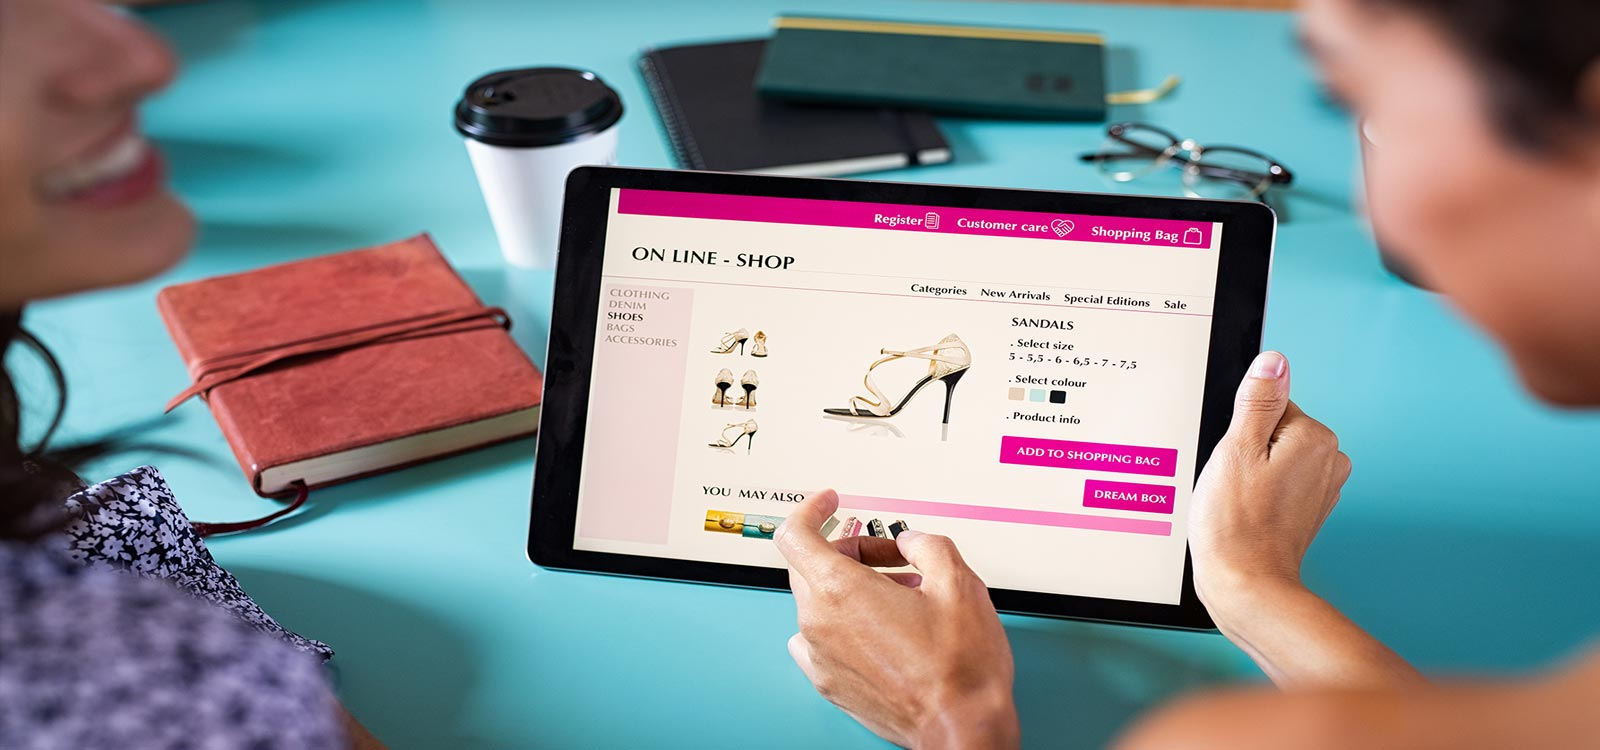 Onlineshop Webshop Shopware Agentur Internetagentur für Online-Shopeinrichtung Shoprelaunch Region Rosenheim Raubling Prien